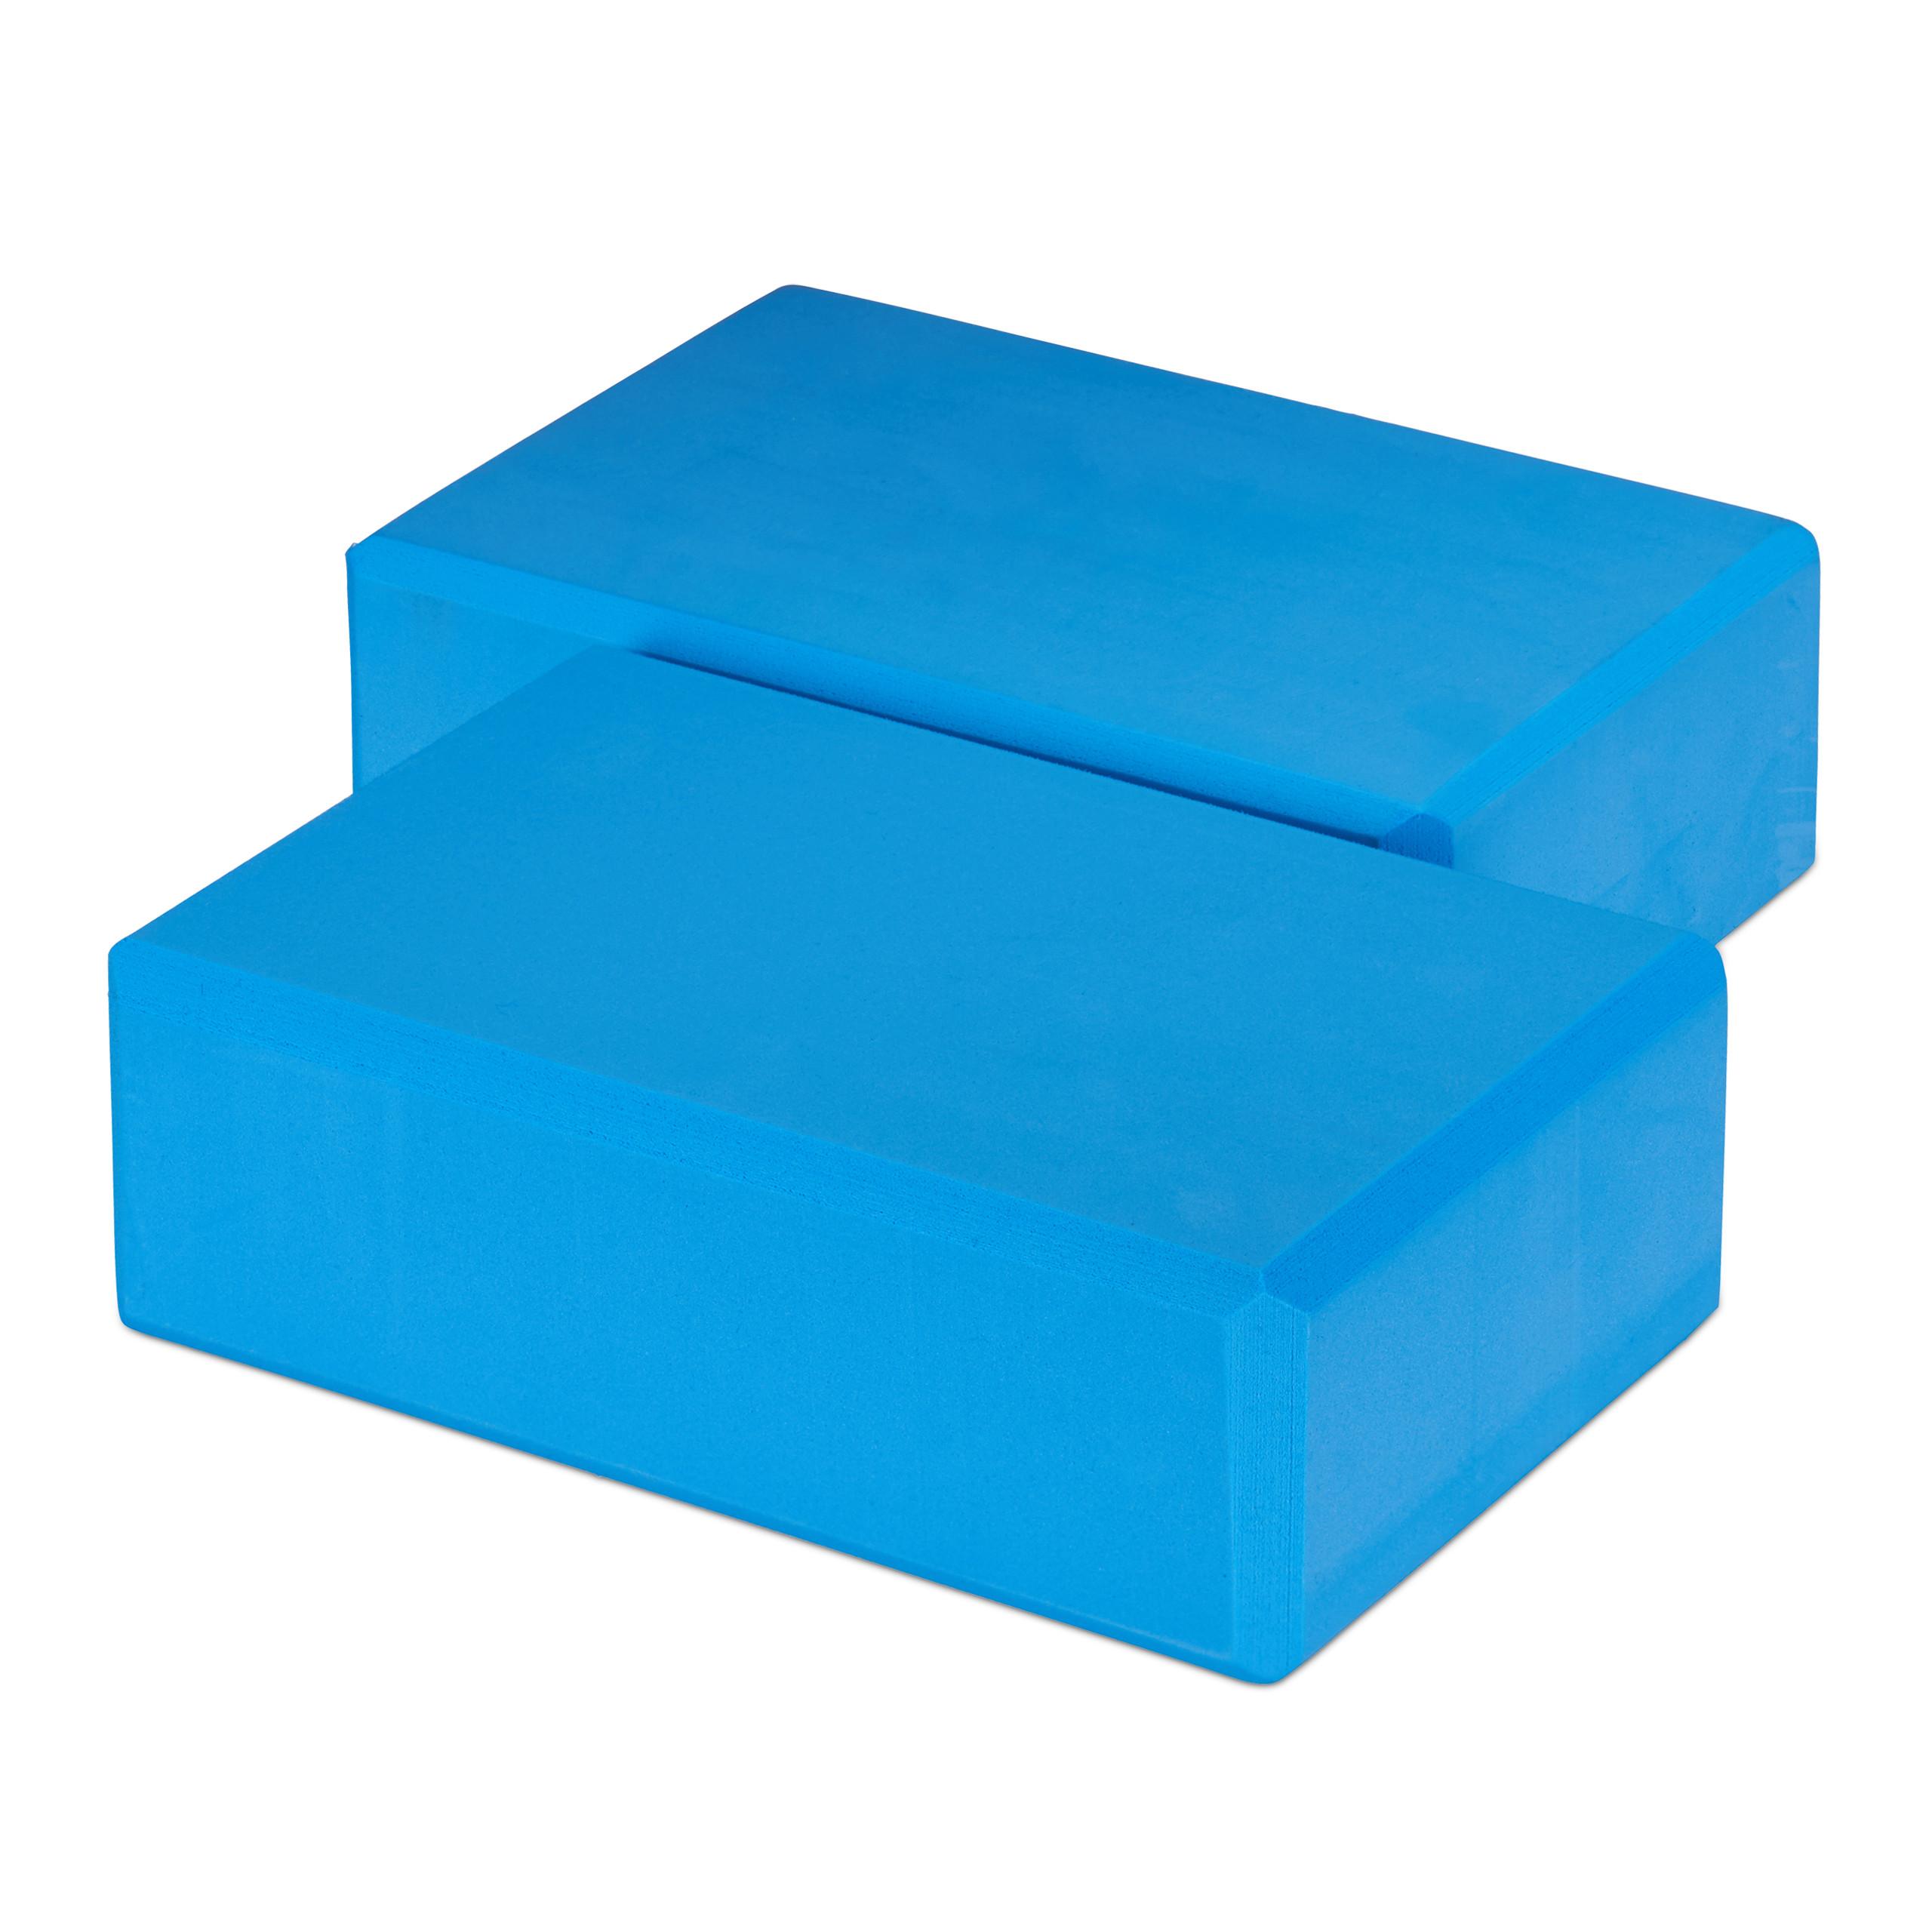 Pack-de-2-bloques-yoga-de-gomaespuma-Tacos-yoga-en-varios-colores-Ladrillos-yoga miniatura 8